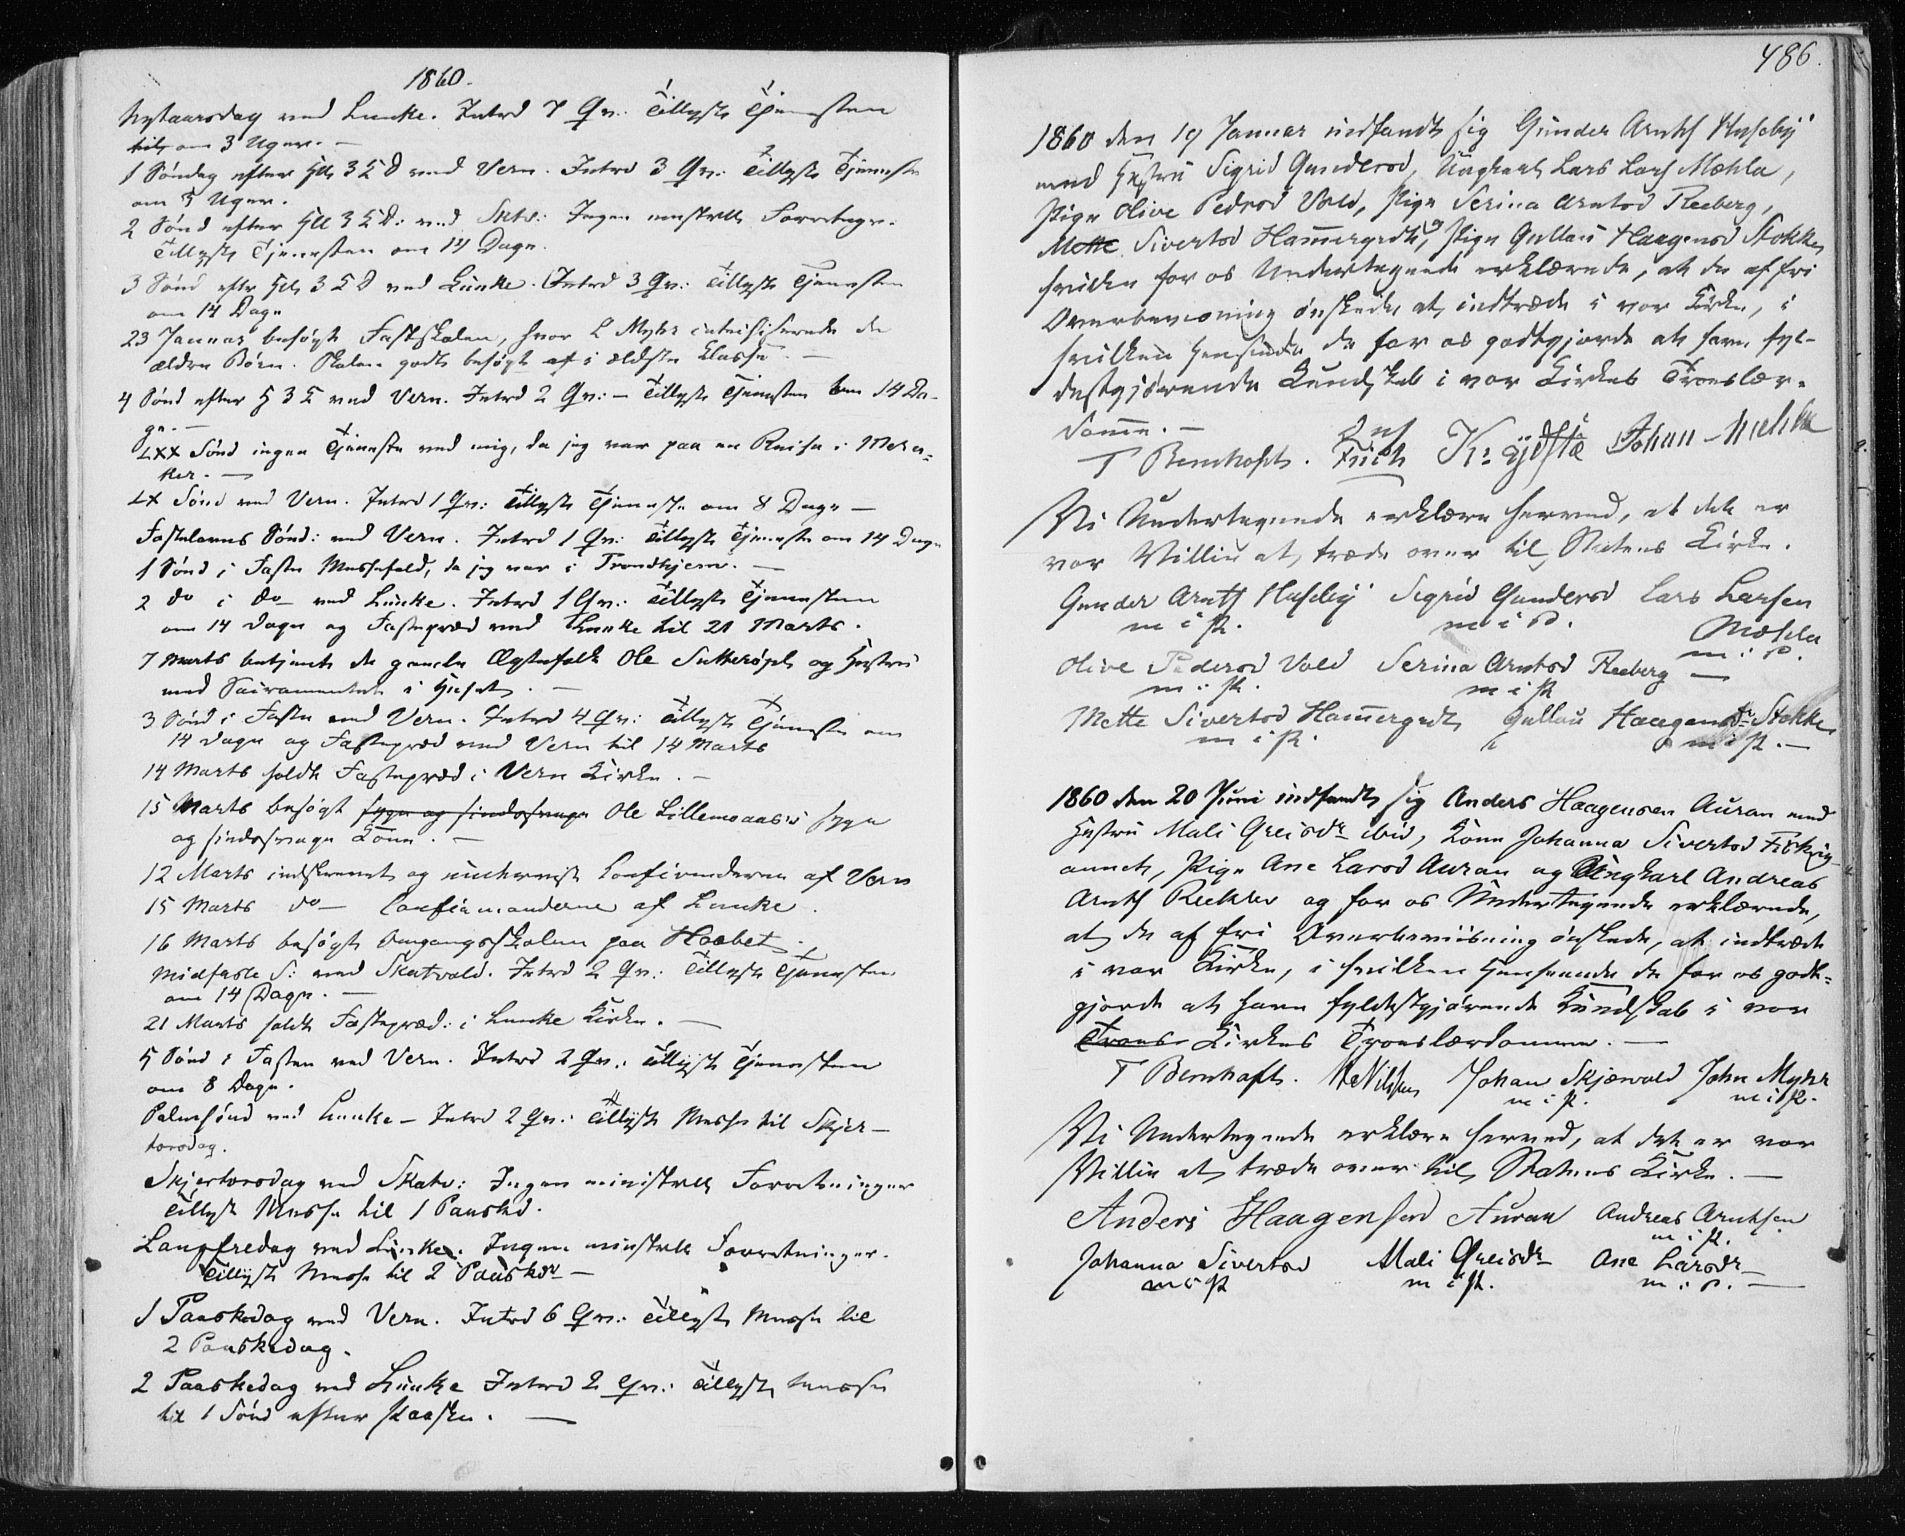 SAT, Ministerialprotokoller, klokkerbøker og fødselsregistre - Nord-Trøndelag, 709/L0075: Ministerialbok nr. 709A15, 1859-1870, s. 486